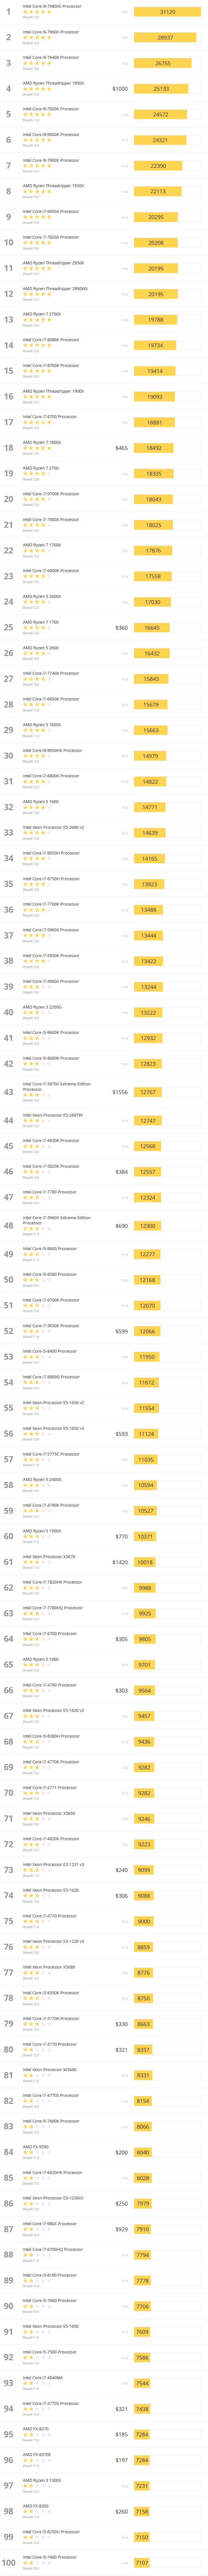 Позиции в 3DMark процессоров AMD и Intel